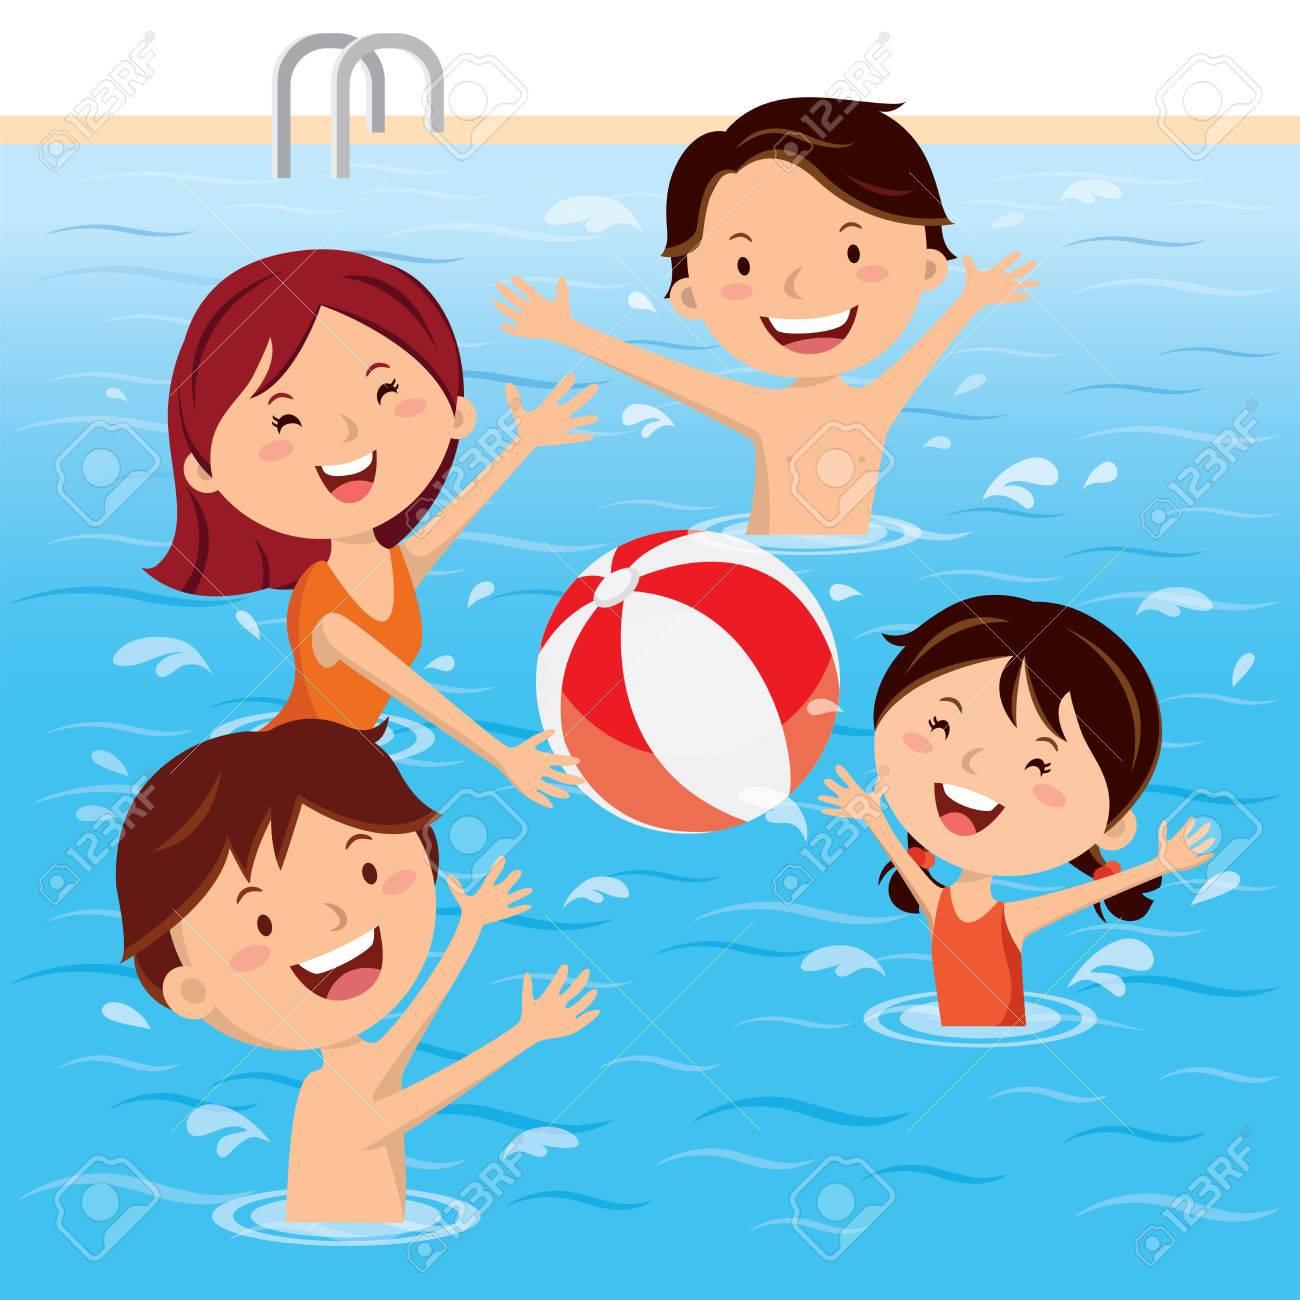 Family having fun in swimming pool.